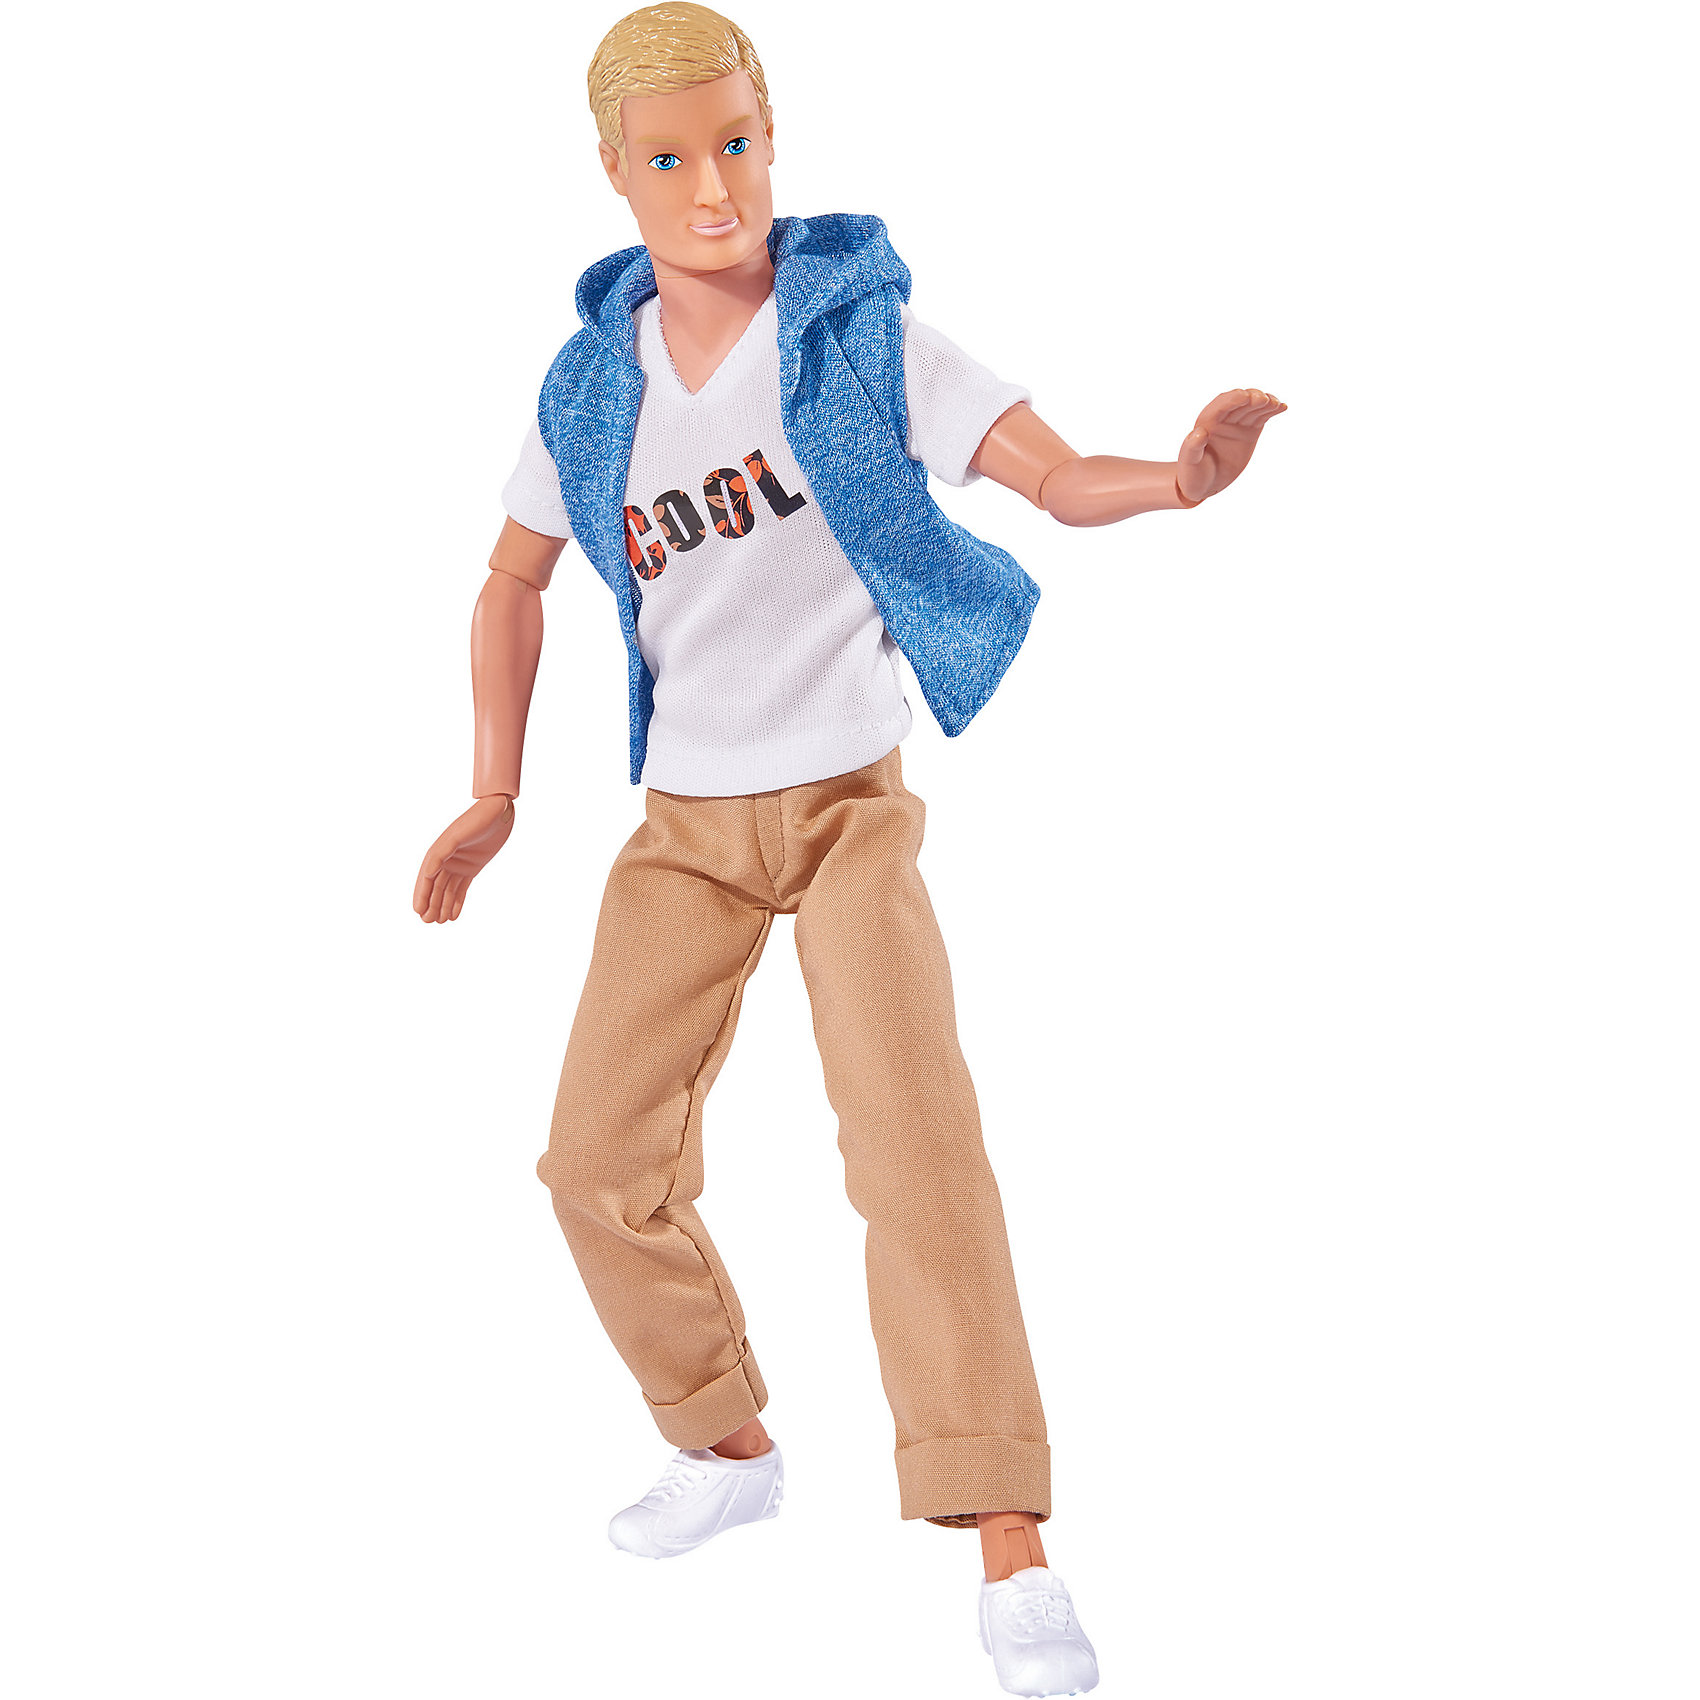 Кукла Кевин. Городская мода, 30 см, SimbaКуклы-модели<br>Характеристики товара:<br><br>• возраст от 3 лет<br>• материал: пластик, текстиль<br>• высота куклы 30 см<br>• руки и ноги подвижны<br>• размер упаковки 32,8х12,4х5,3 см<br>• страна бренда: Германия<br>• страна производитель: Китай<br><br>Кукла Кевин Городская мода Simba поможет девочке разнообразить ролевые игры, придумать сюжеты и истории, развивая воображение и фантазию. Кевин одет в городском модном стиле. Он носит коричневые брюки, белую футболку с надписью и голубую жилетку. Руки и ноги куклы подвижны. Одежду можно снять и придумать Кевину другой образ. <br><br>Куклу Кевин Городская мода Simba можно приобрести в нашем интернет-магазине.<br><br>Ширина мм: 50<br>Глубина мм: 325<br>Высота мм: 120<br>Вес г: 2580<br>Возраст от месяцев: 36<br>Возраст до месяцев: 2147483647<br>Пол: Женский<br>Возраст: Детский<br>SKU: 5544437